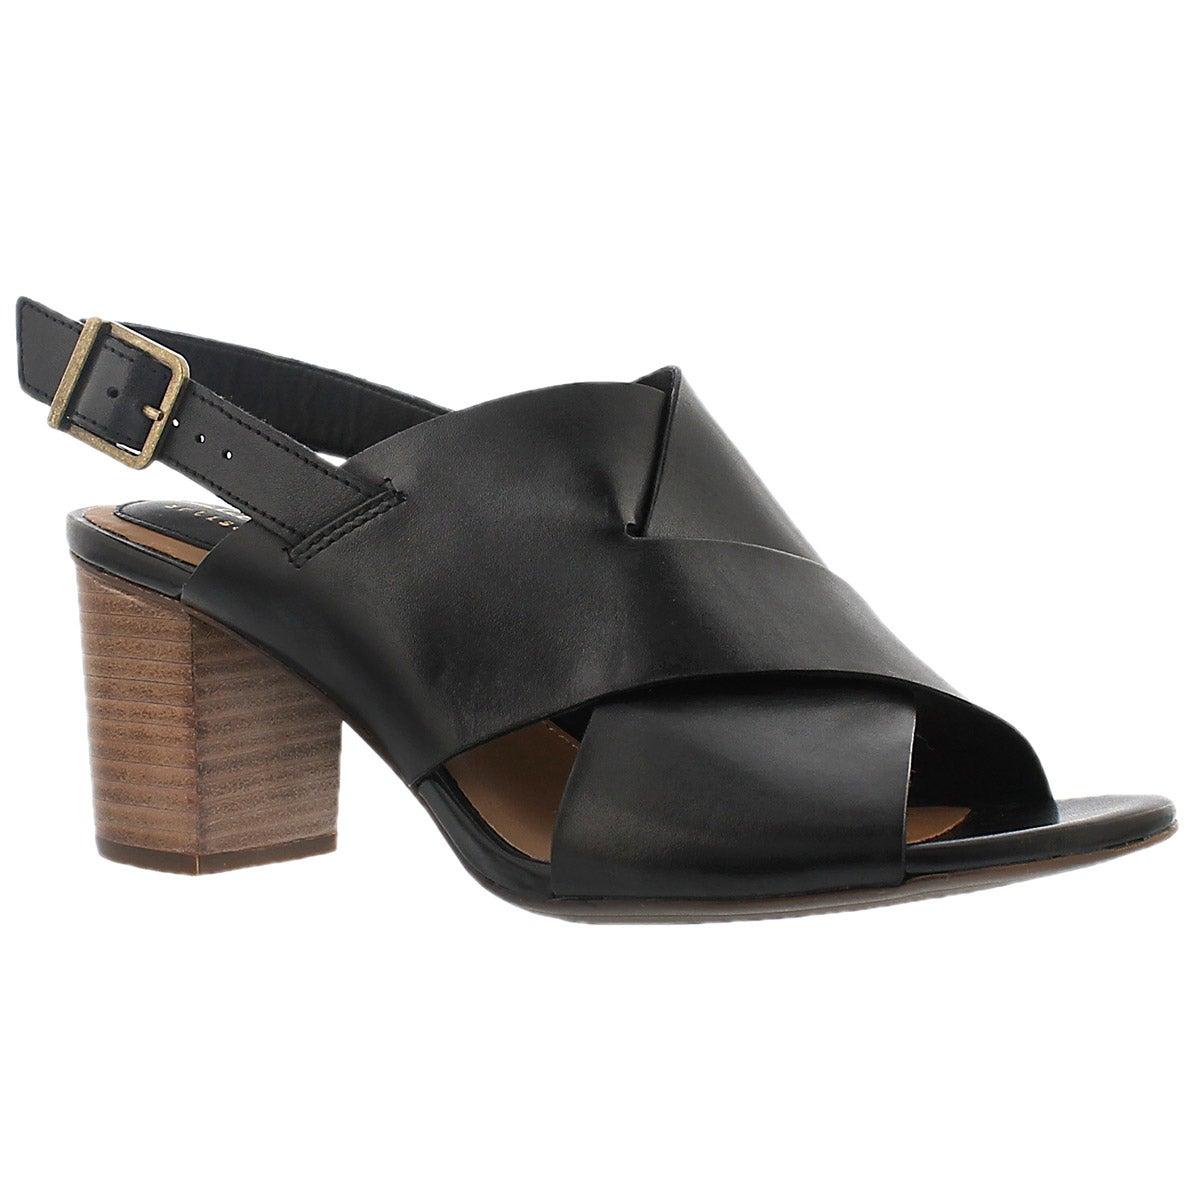 Sandale habill�e Ralene Vive, noir, femm